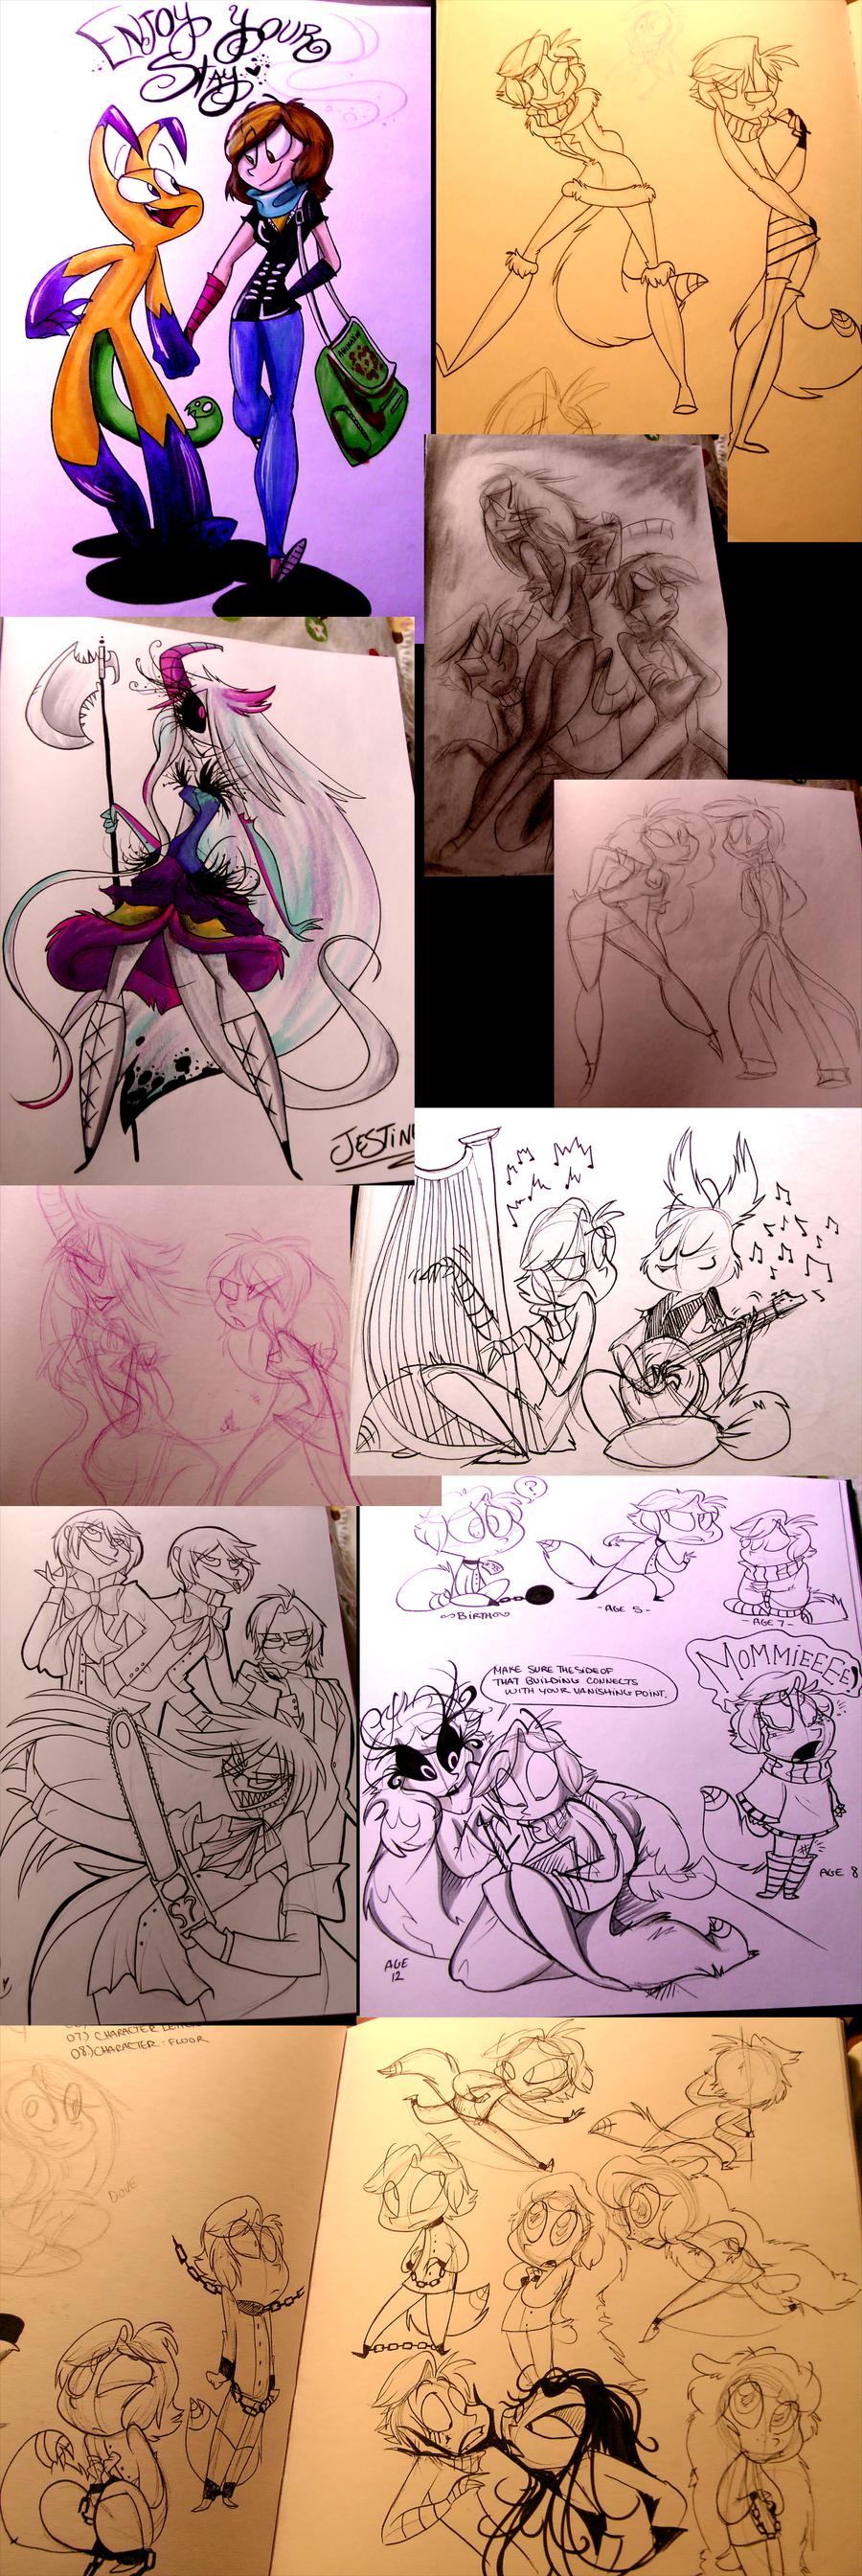 Sketchbook SneekPeekz 2 by VivzMind